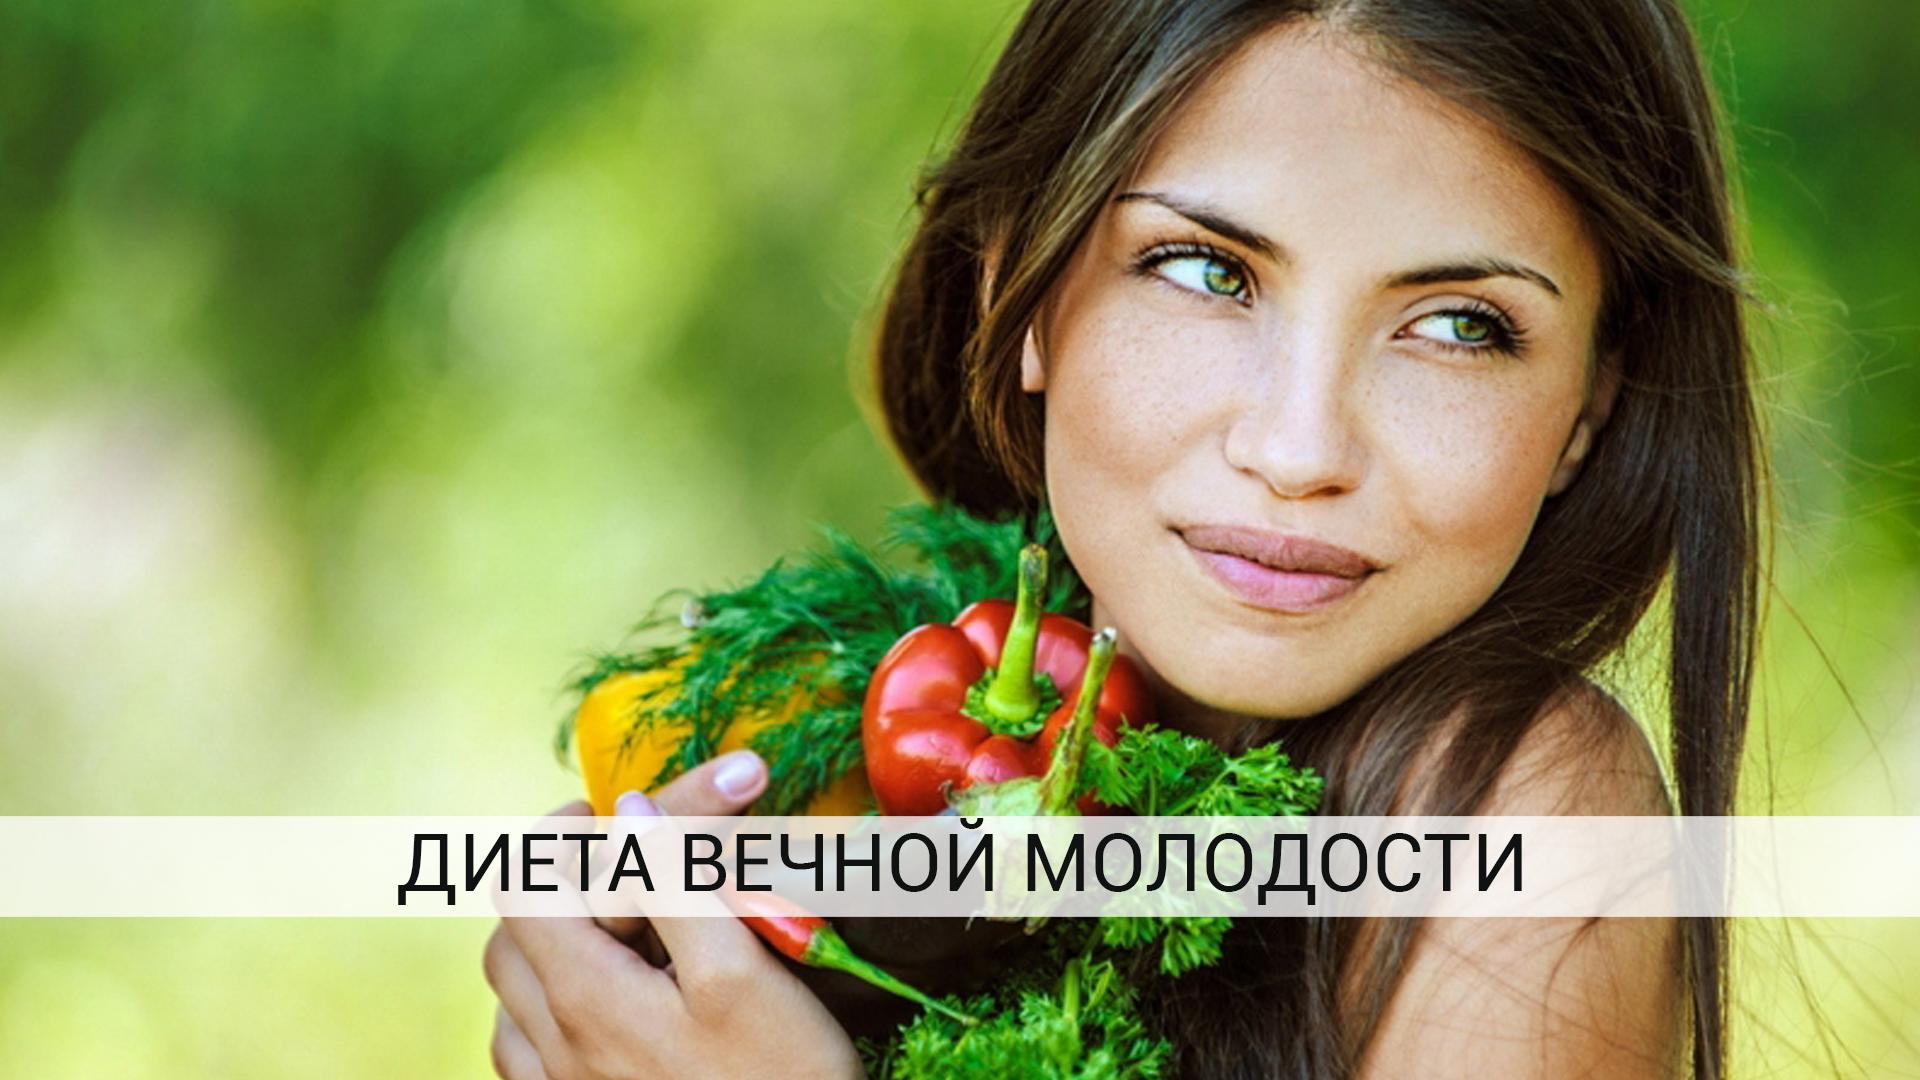 диета-вечной-молодости